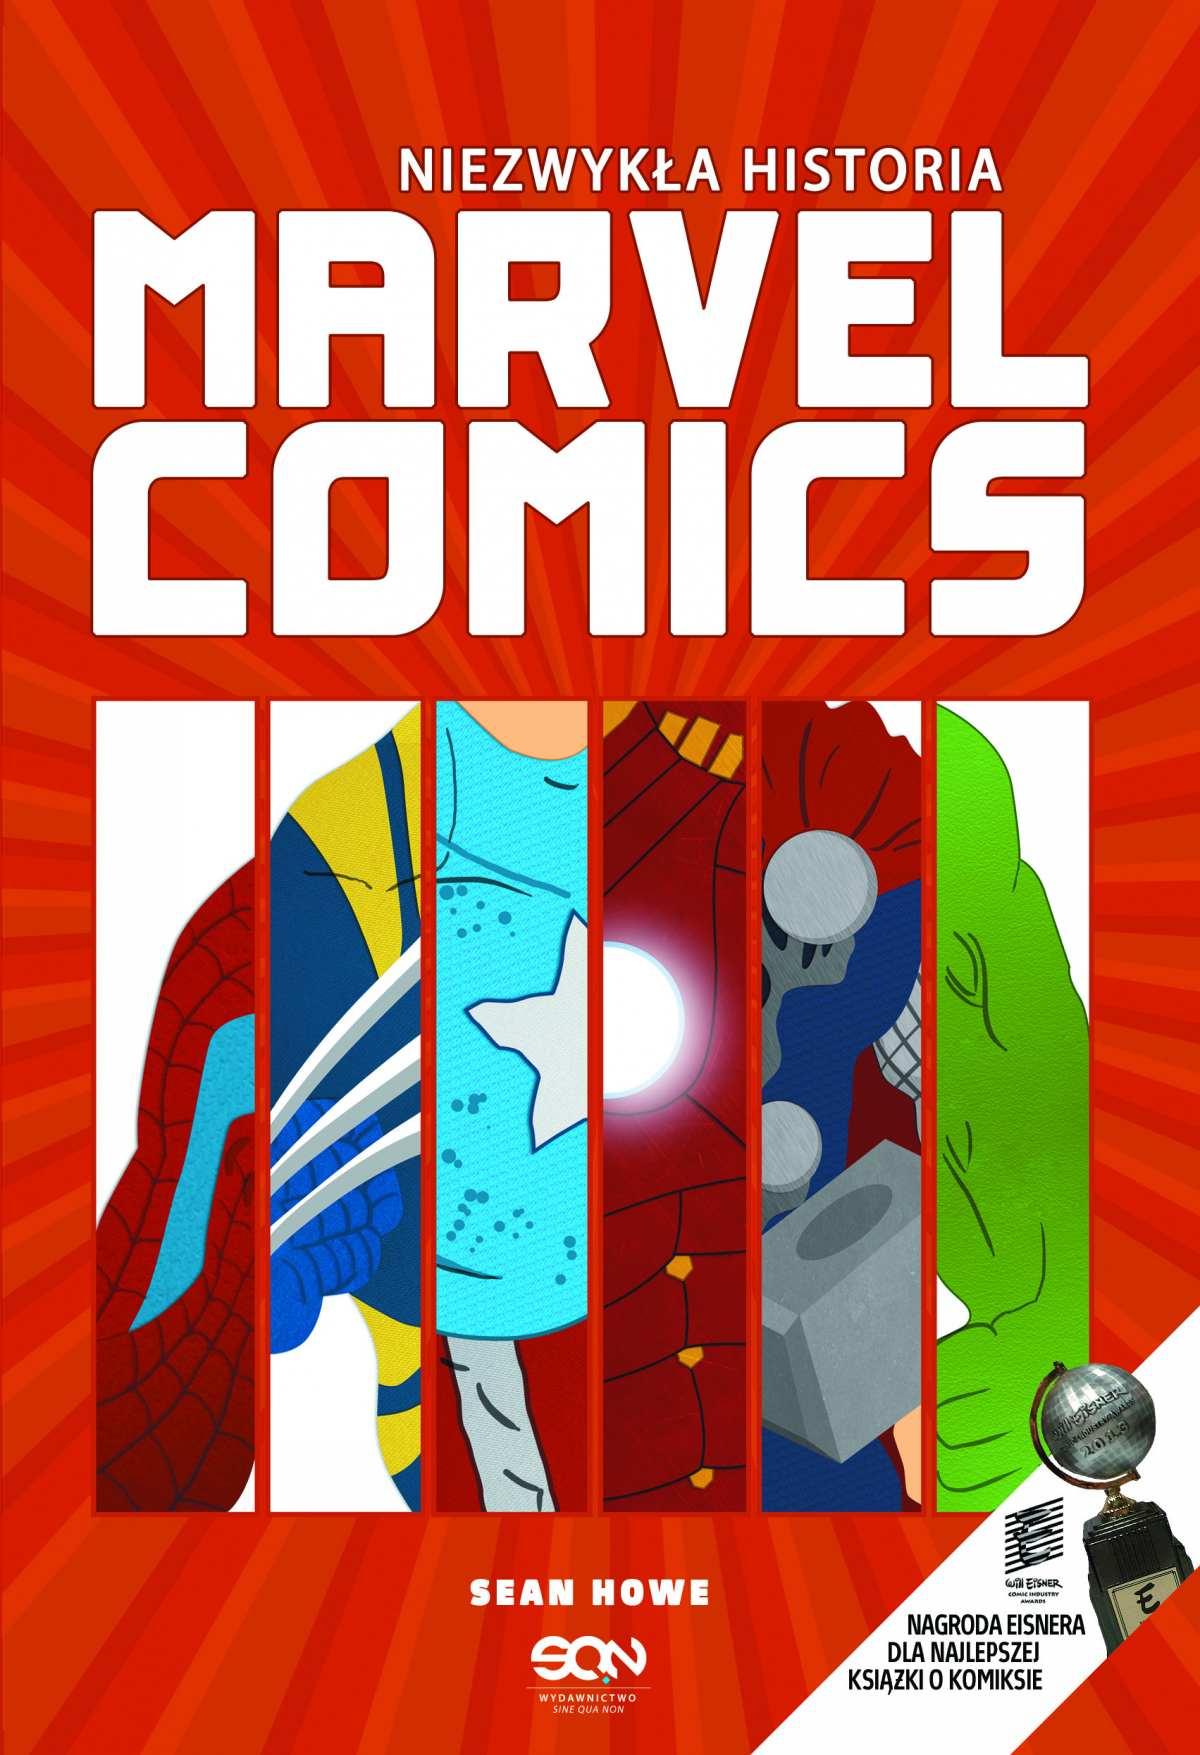 Niezwykła historia Marvel Comics - Ebook (Książka EPUB) do pobrania w formacie EPUB